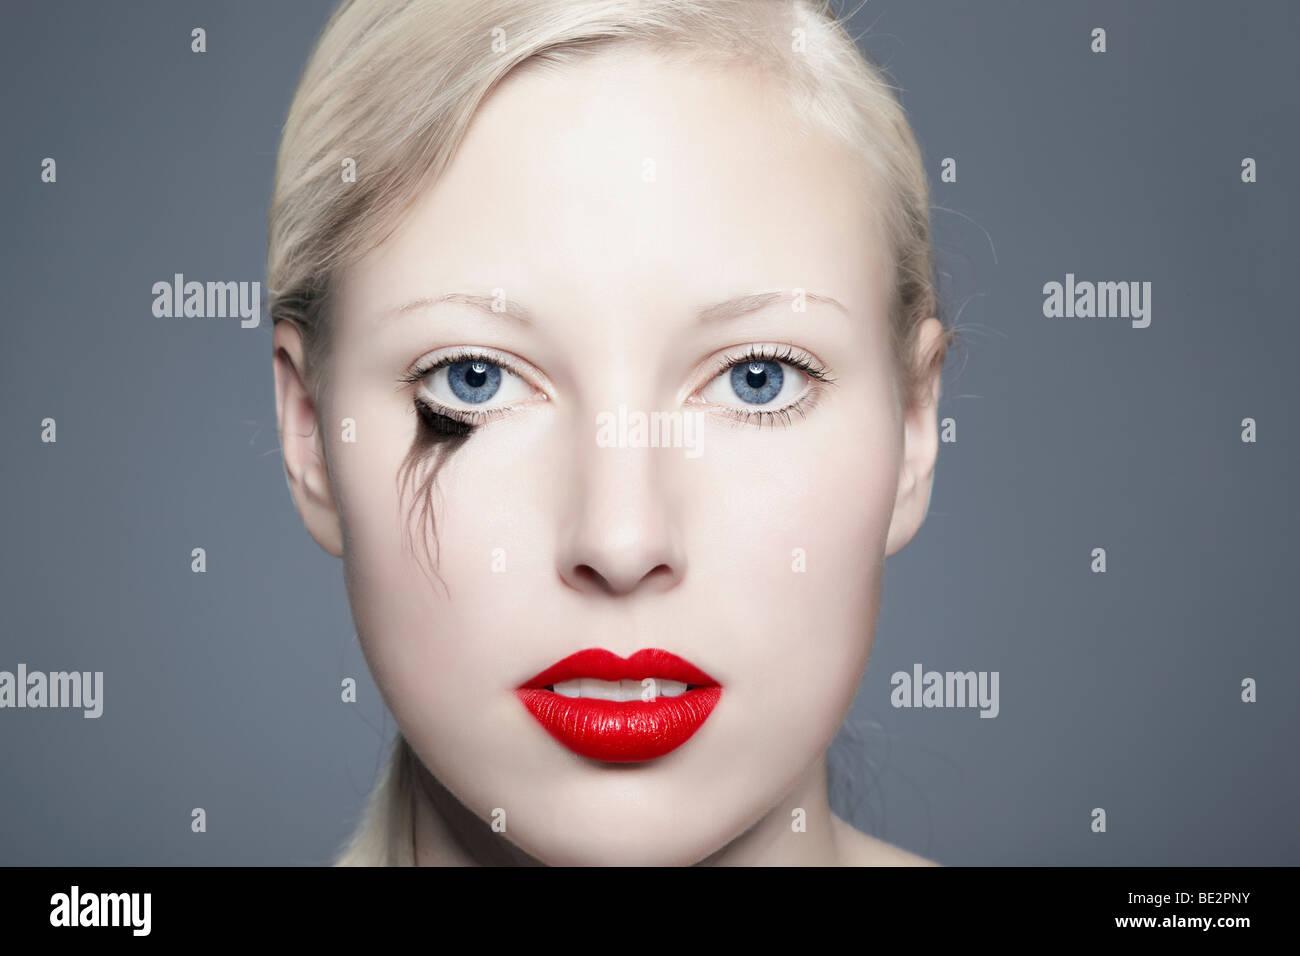 Portrait einer jungen blonden Frau mit Verschmiertem eyeliner mit Blick auf den Betrachter, unvollkommen, Schönheit Stockbild